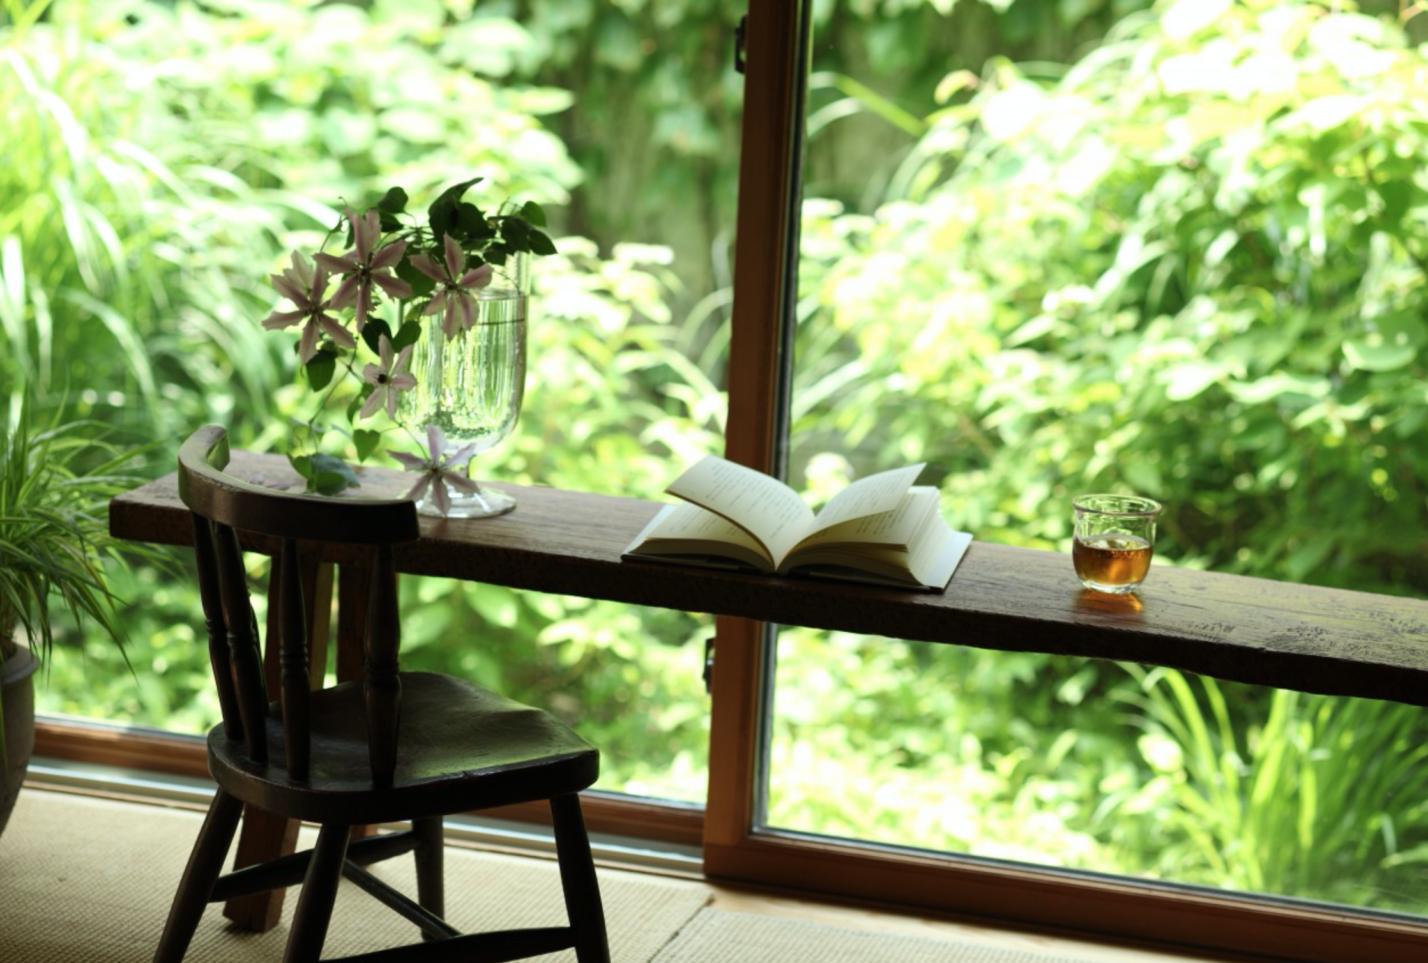 Petite table et chaise en bois, nature, thé : simplicité et abondance